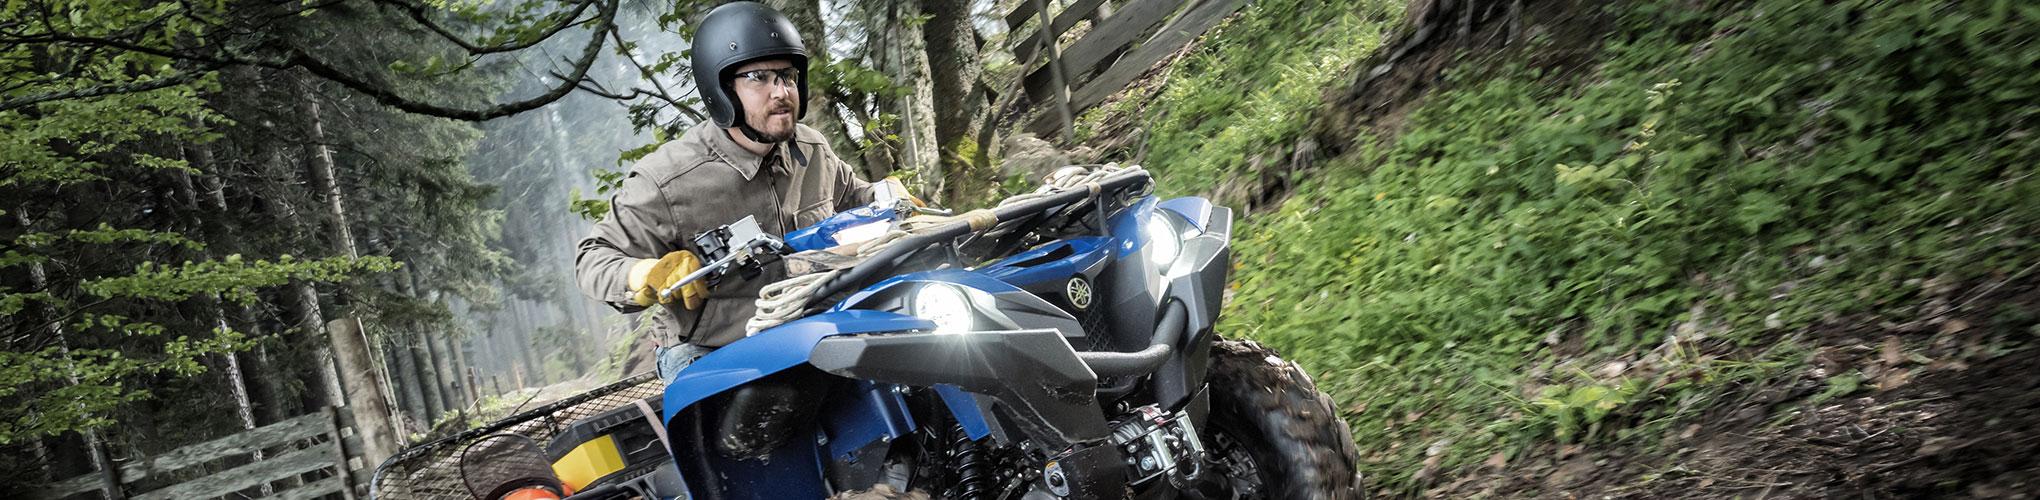 Yamaha Utility Quad | MotorCentrumWest